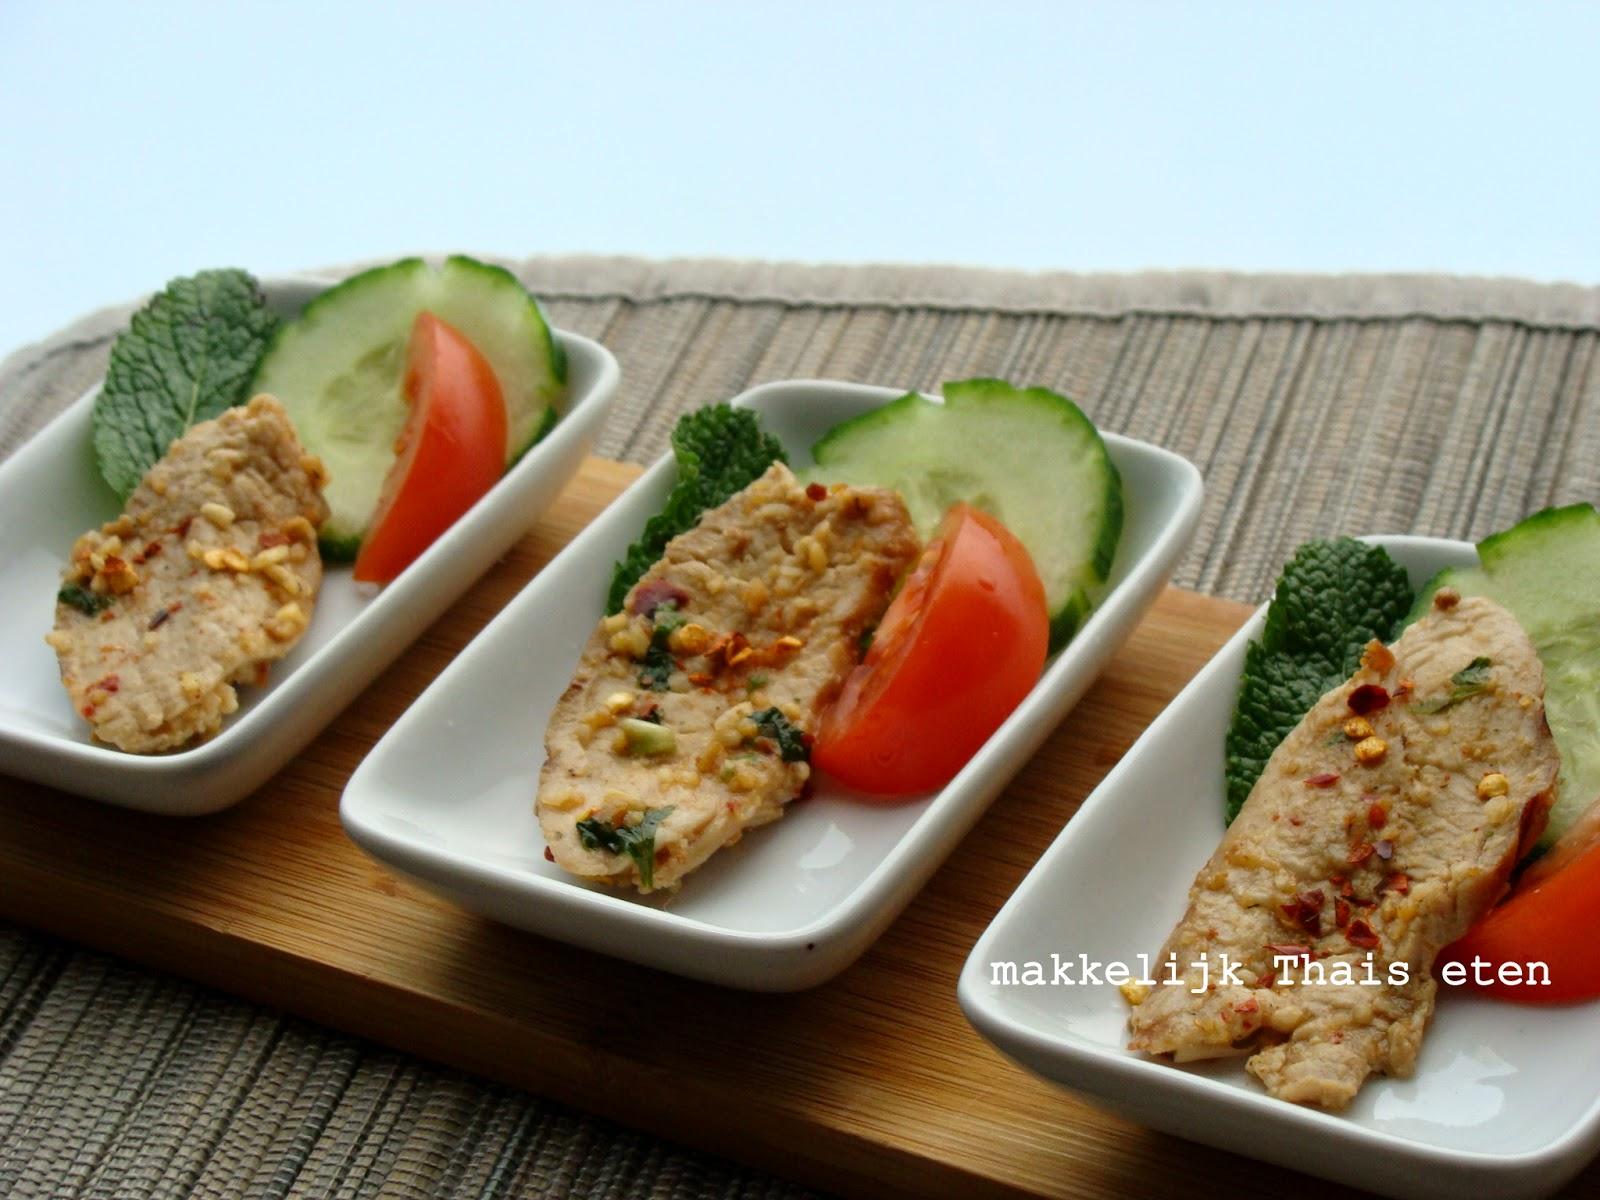 Makkelijk thais eten simple thai food oktober 2015 - Idee gezellige maaltijd ...